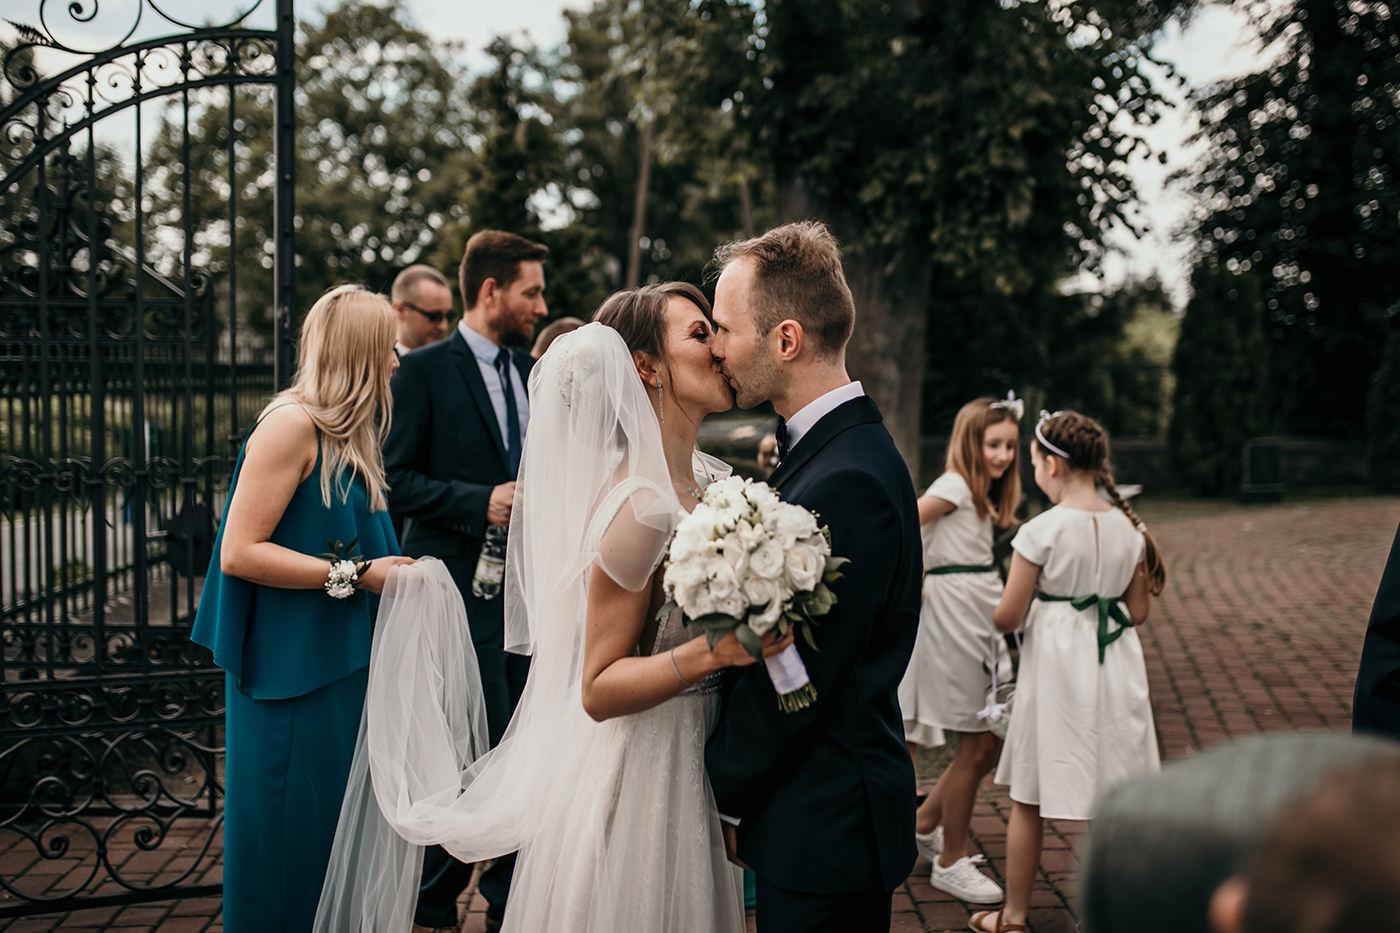 Rustykalne wesele - Magnoliowy Dwór 34